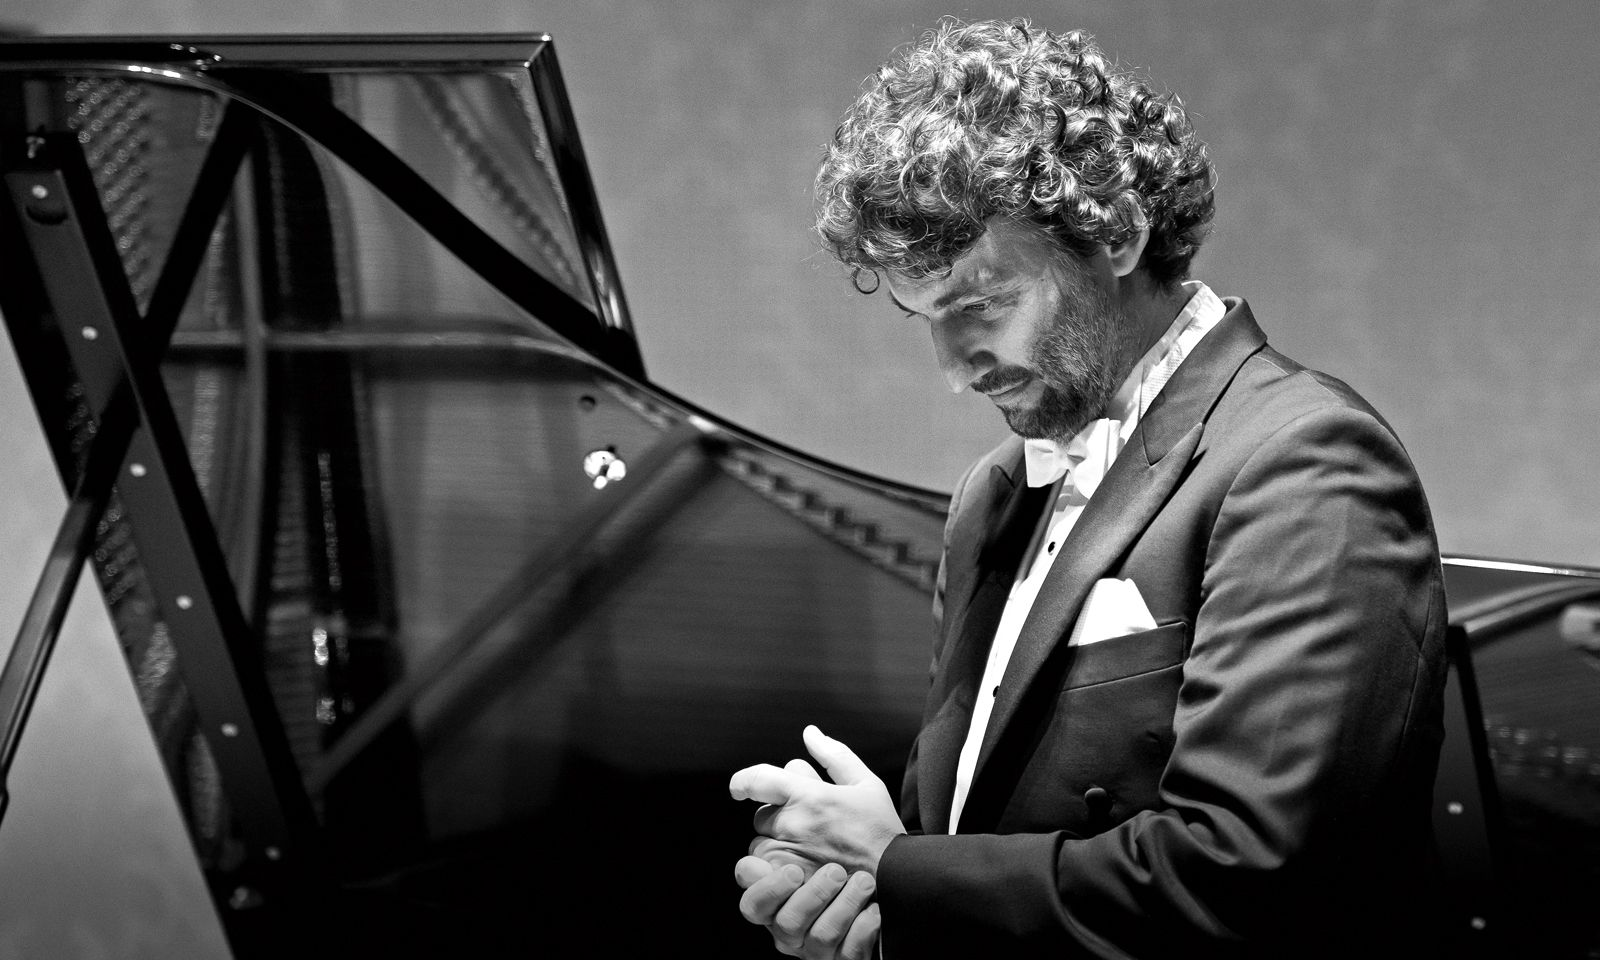 Liederabend. Schubert, Wagner und Liszt in der Wigmore Hall, London 2015.